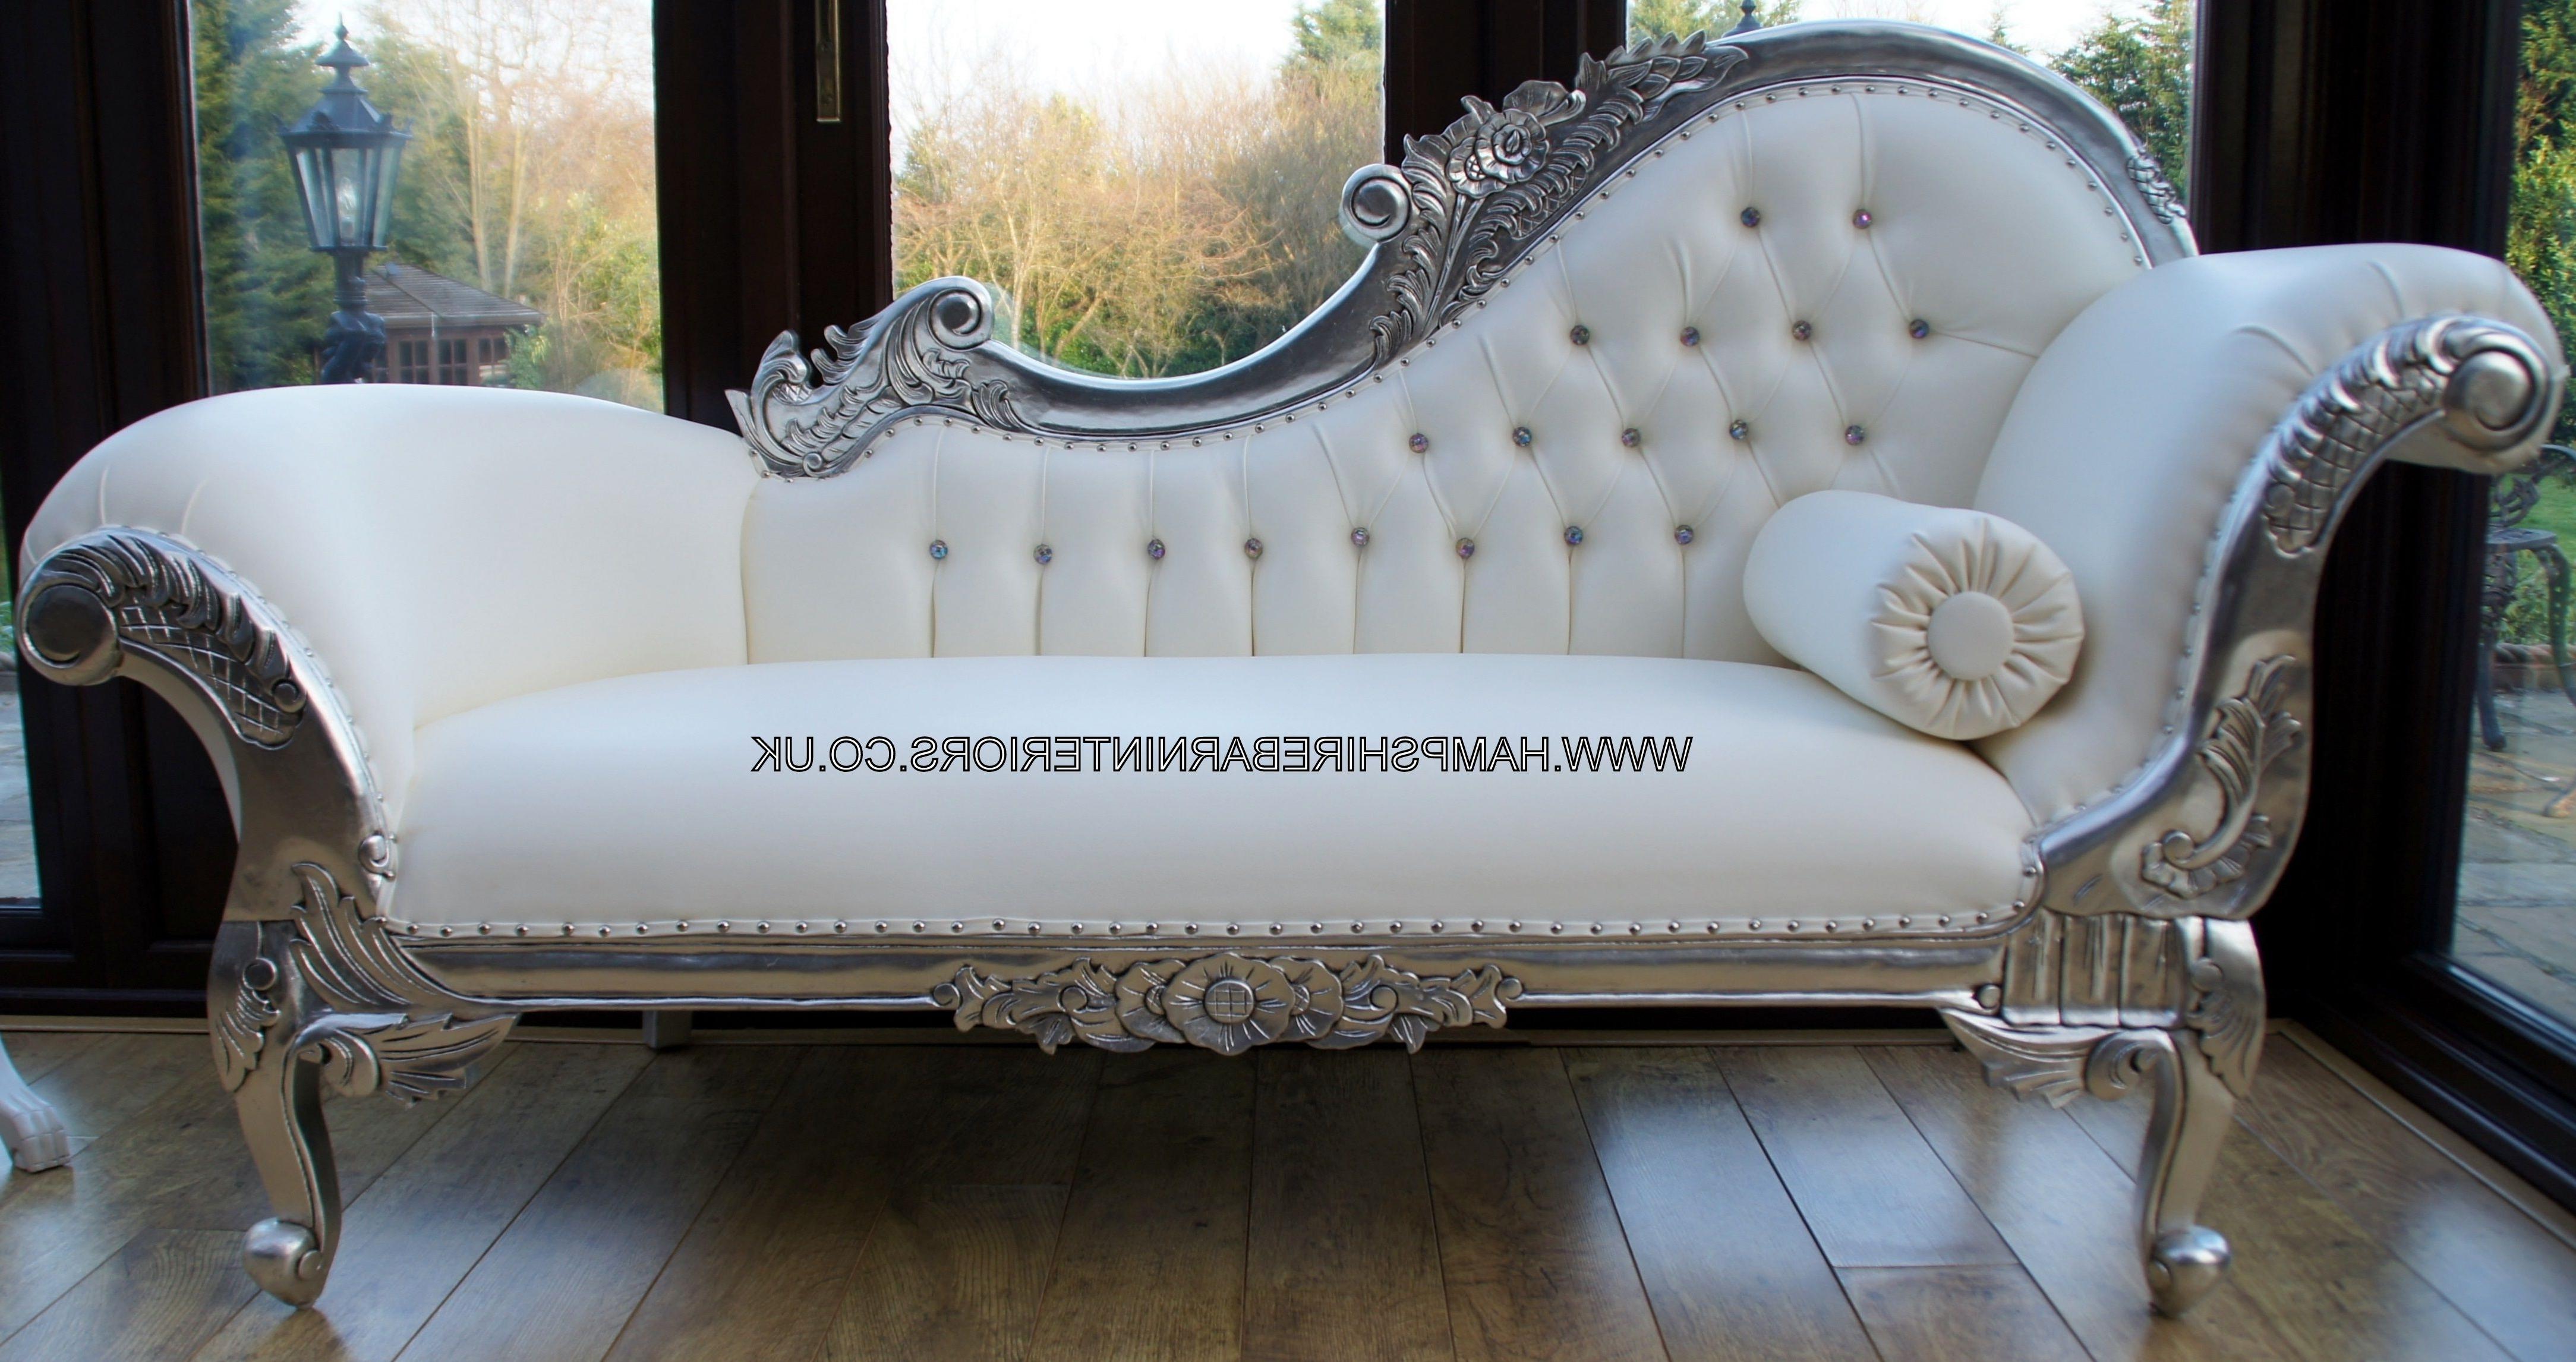 White Chaise Lounges Pertaining To Best And Newest Linda Chaise Lounge Para Maior Conforto Seu Estar Decoração Do (View 12 of 15)